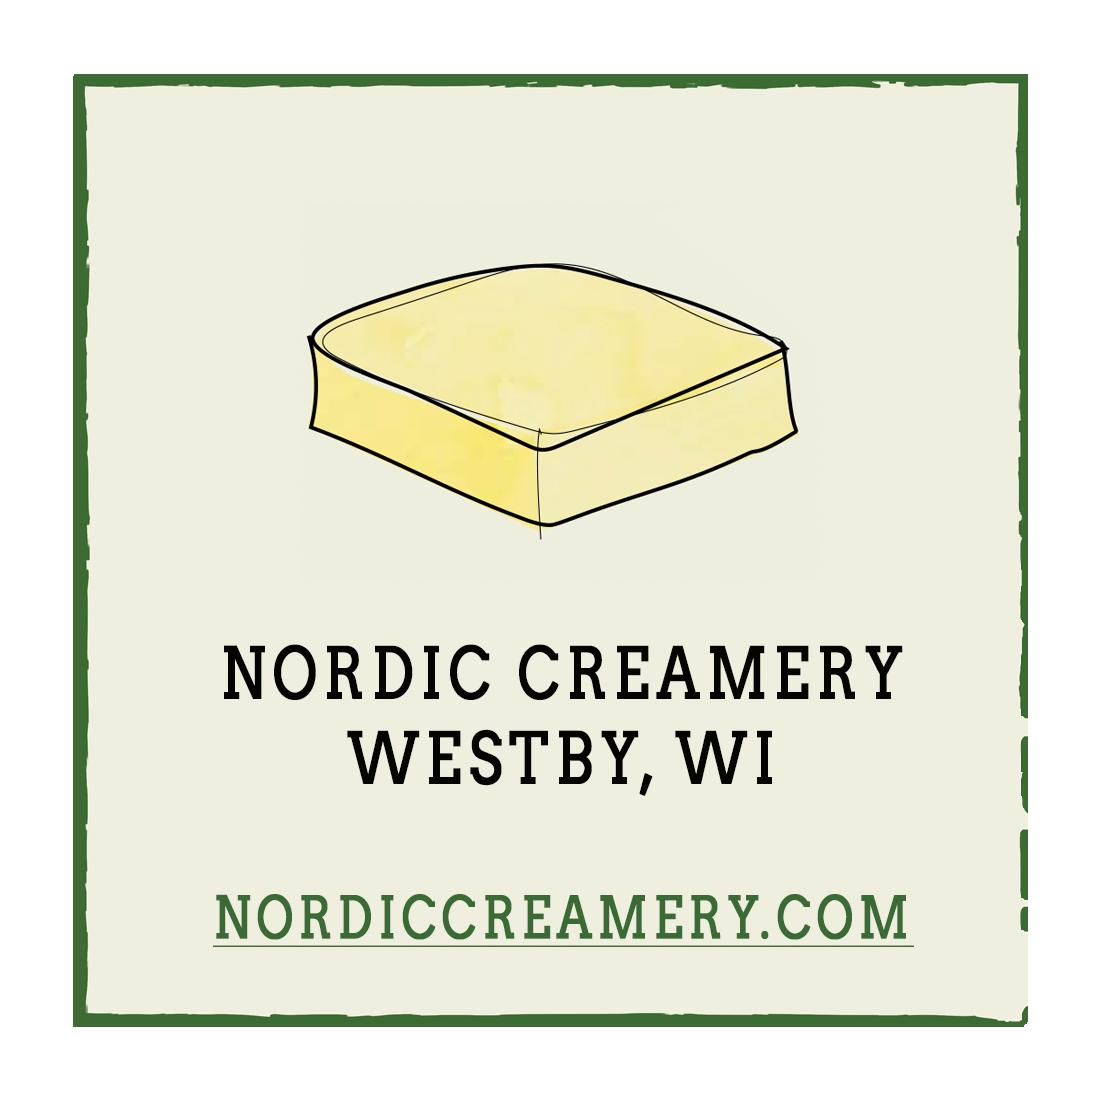 Nordic Creamery